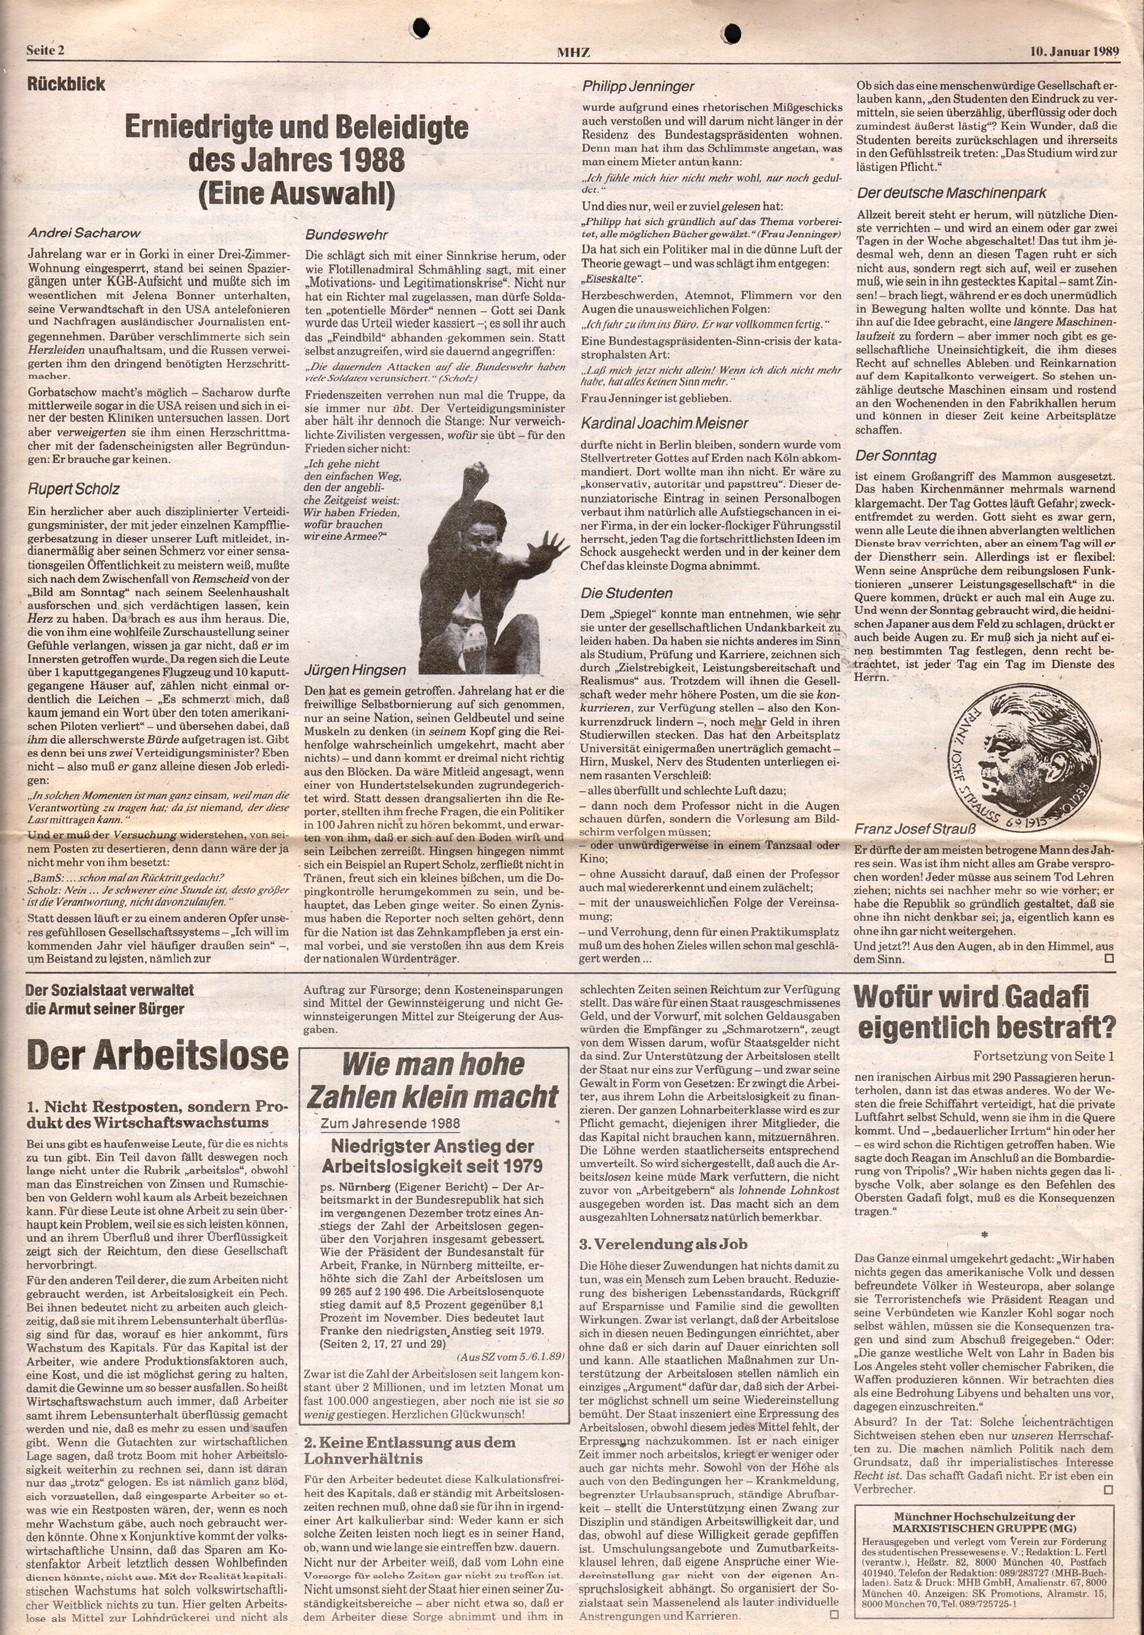 Muenchen_MG_Hochschulzeitung_19890110_02